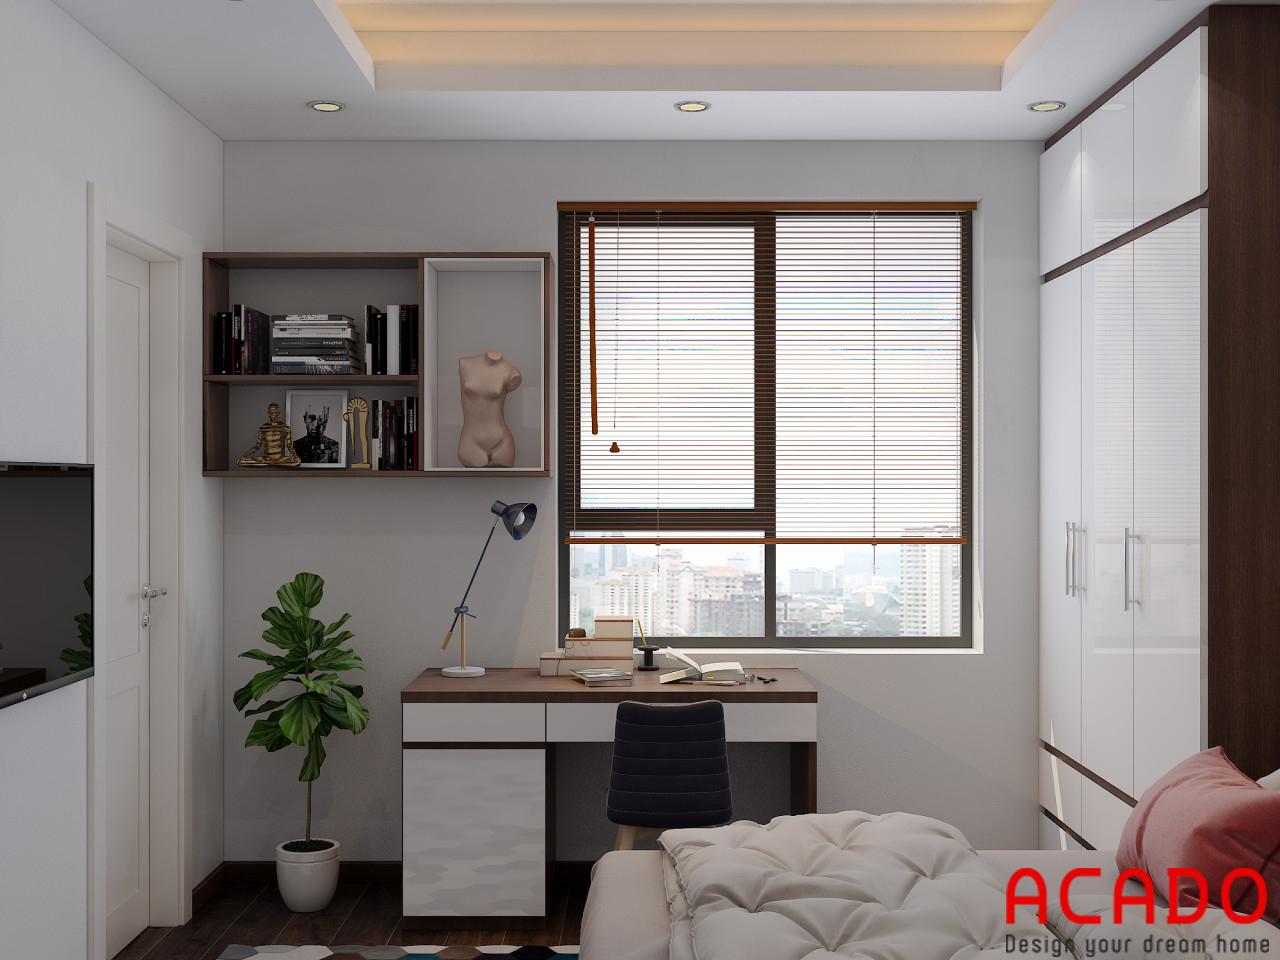 Bàn làm việc và giá sách thiết kế phía của sổ để lấy ánh sáng và thoáng mát